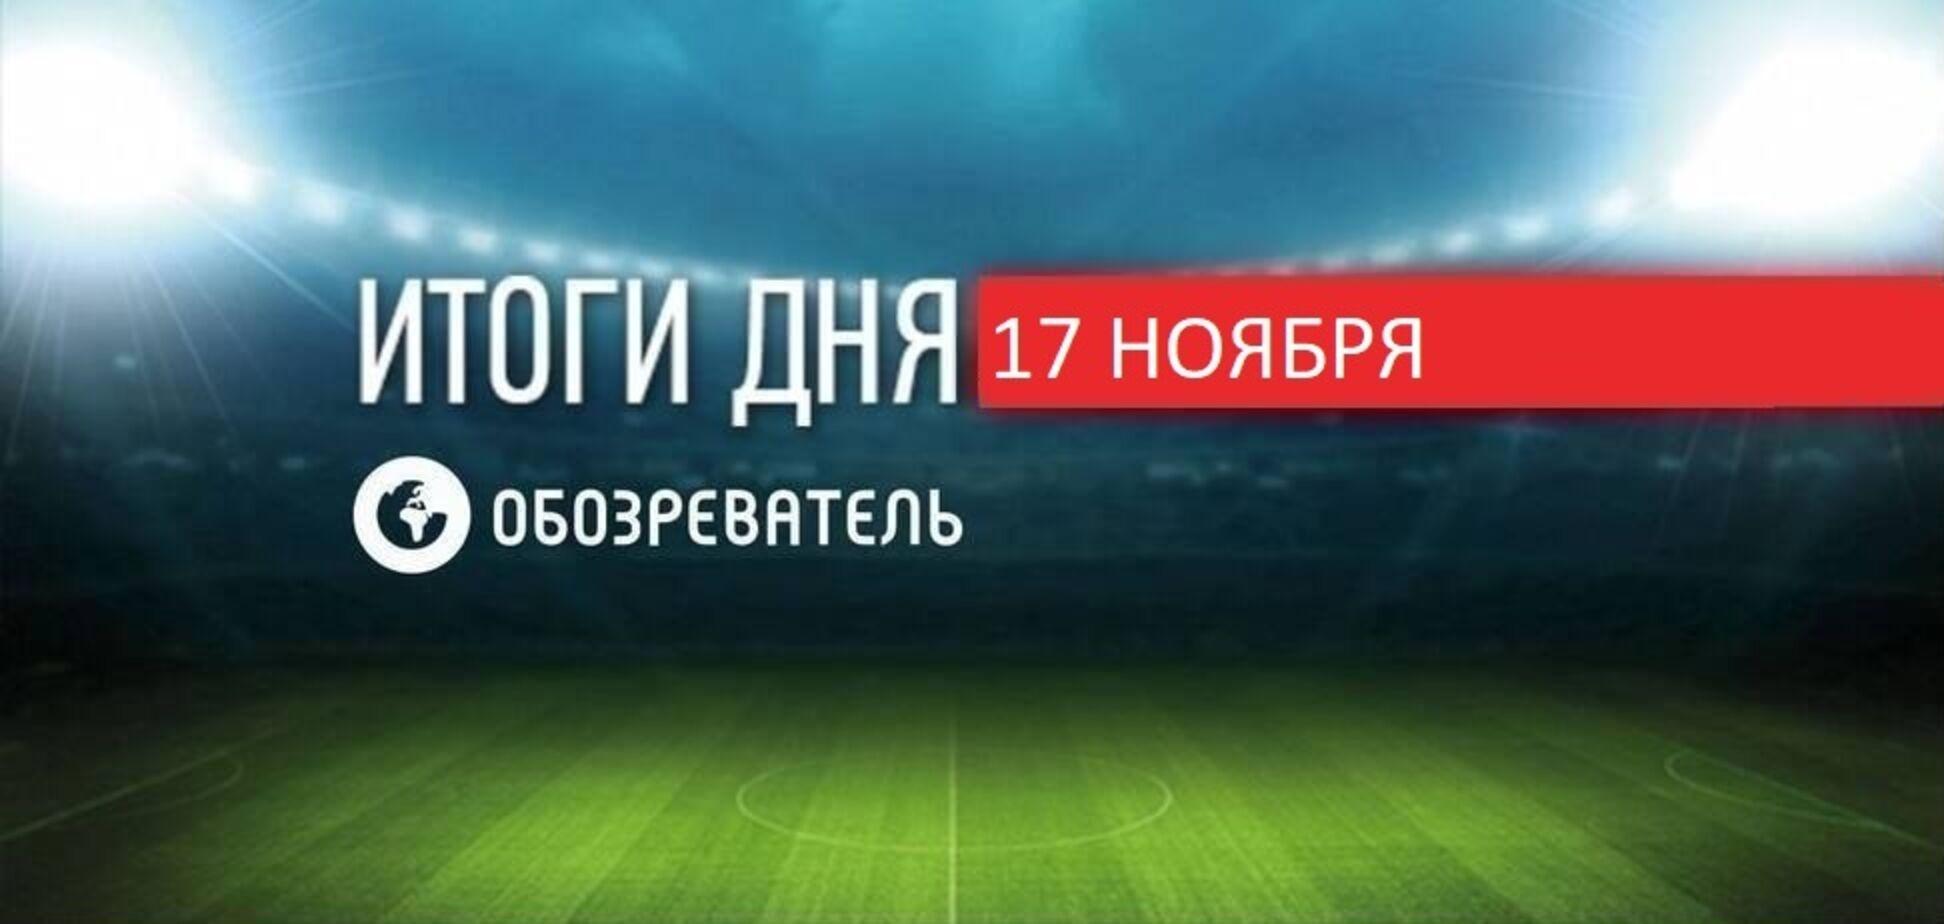 Матч Украины отменили, Германия проиграла 0-6: спортивные итоги 17 ноября